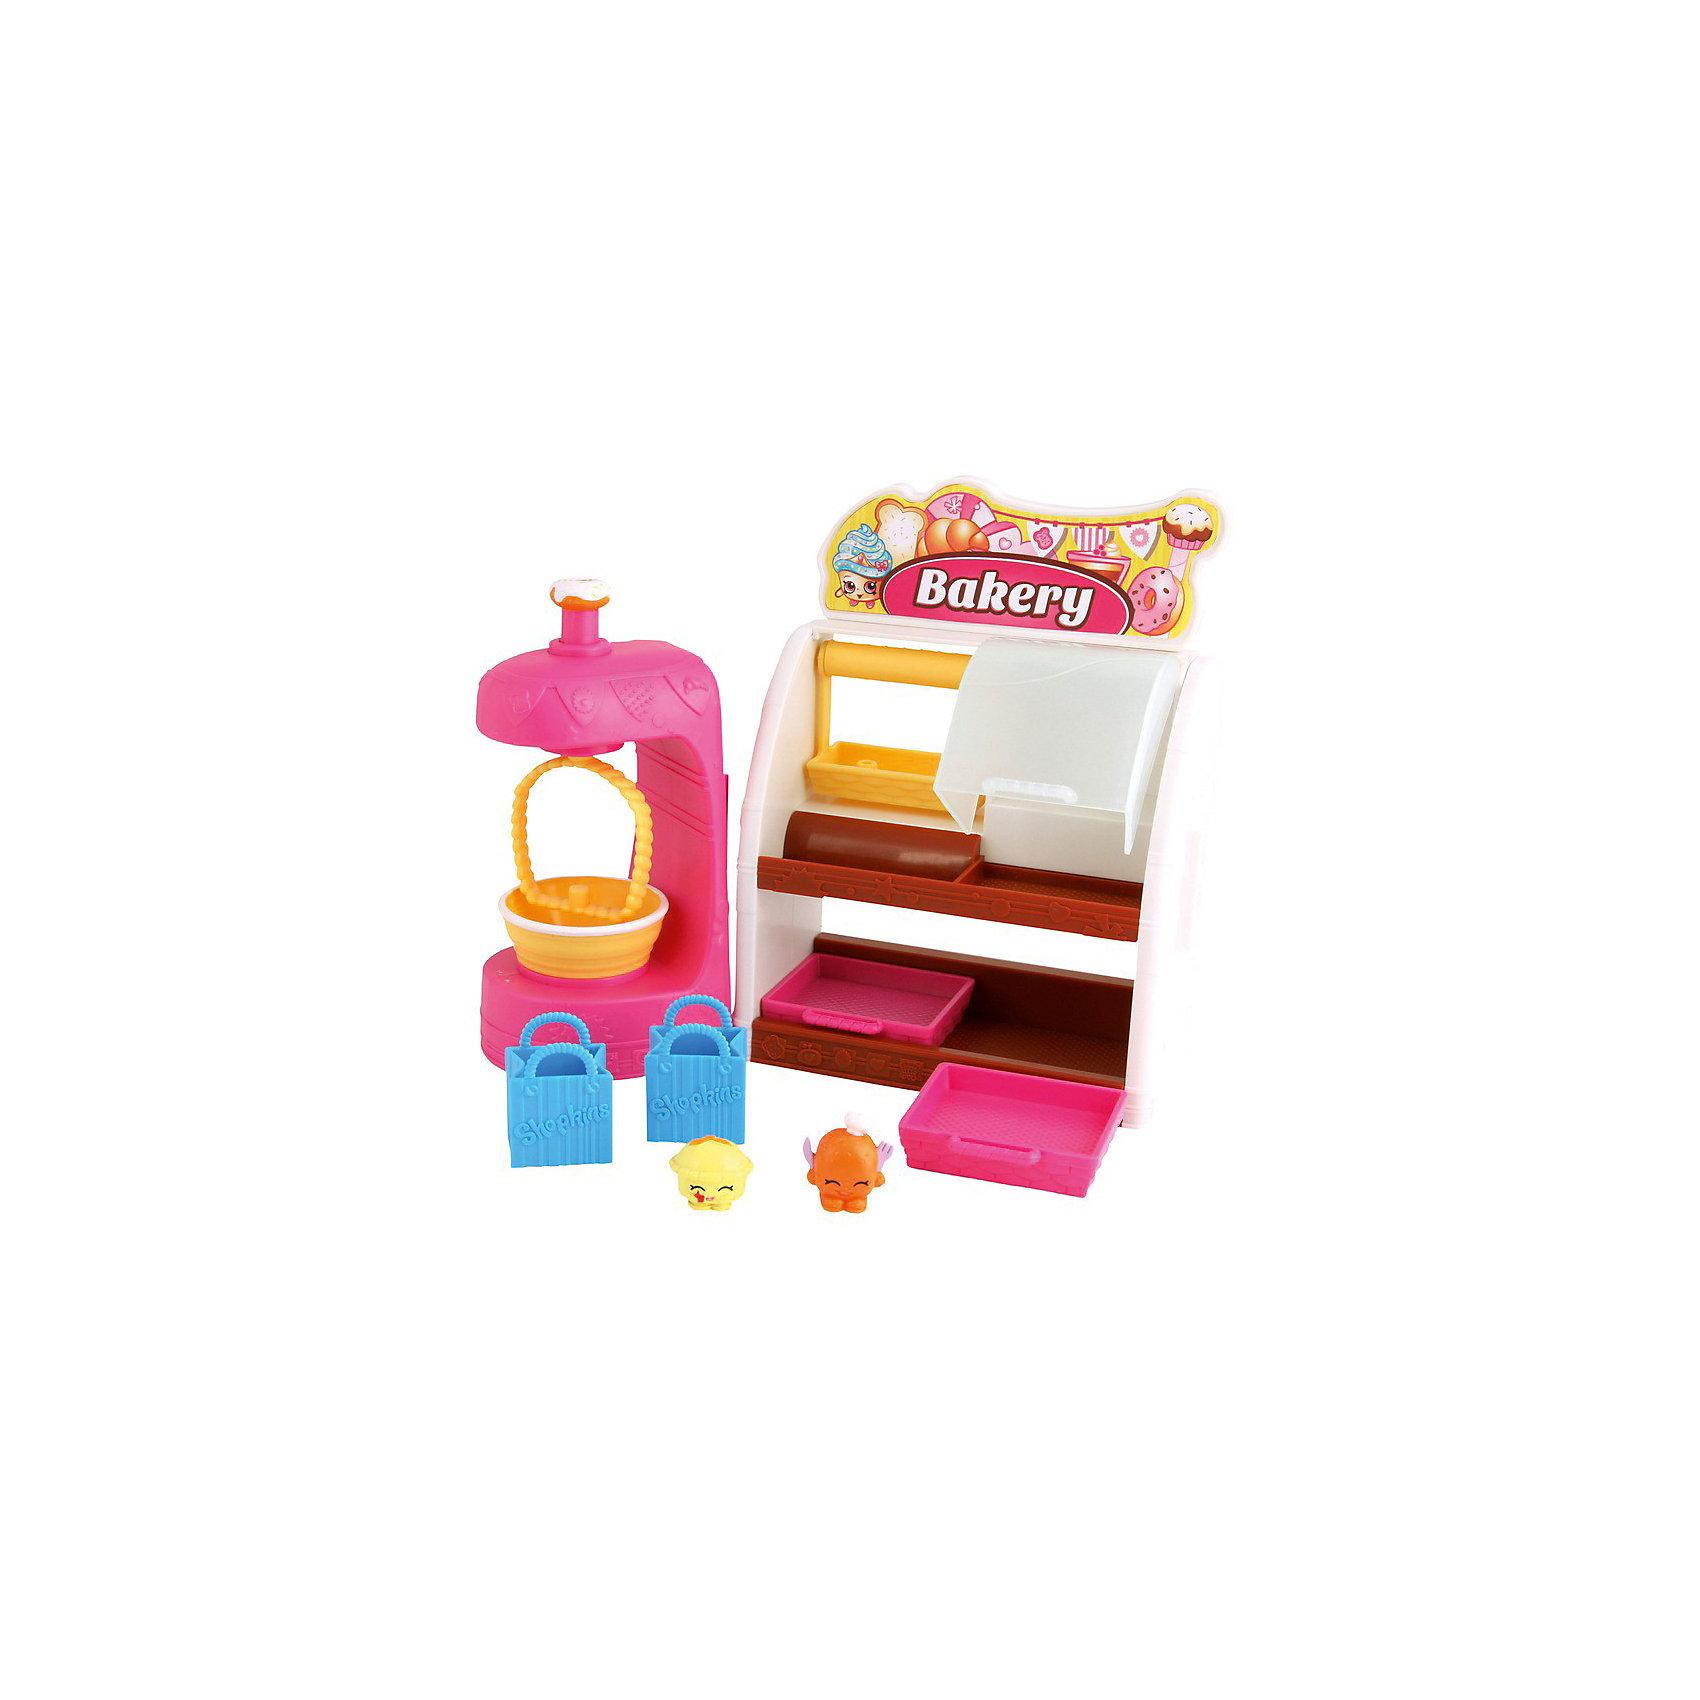 Игровой набор Пекарня,  ShopkinsИгровой набор Пекарня,  Shopkins (Шопкинс) – это набор с множеством стеллажей и подносов, а также витриной, где и обитают шопкинсы.<br>Игровой набор для девочек «Пекарня» из серии Shopkins от австралийского бренда Moose предлагает маленьким кондитерам открыть собственную пекарню. Игровой прилавок пекарни имеет полочки и отсеки для размещения и хранения продуктов питания, укомплектован выдвижными контейнерами. Миксер со встроенной чашей помогает замесить тесто для хлеба. В наборе имеются две миниатюрных сумочки для покупок. А, кроме того, в пекарне уже живут два эксклюзивных Шопкинса. Какие? Узнаете, когда откроете упаковку! Буклет коллекционера позволяет контролировать наличие игровых фигурок и изучать все их многообразие выпущенной серии Shopkins. Игровой набор Пекарня развивает фантазию, образное мышление, координацию движений.<br><br>Дополнительная информация:<br><br>- В наборе: пекарня, 2 Shopkins, 2 сумочки для покупок, буклет коллекционера<br>- Материал: пластик<br>- Высота Шопкинса: около 2 см.<br>- Размеры упаковки: 25х9х23 см.<br><br>Игровой набор Пекарня,  Shopkins (Шопкинс) можно купить в нашем интернет-магазине.<br><br>Ширина мм: 20<br>Глубина мм: 90<br>Высота мм: 230<br>Вес г: 705<br>Возраст от месяцев: 60<br>Возраст до месяцев: 96<br>Пол: Женский<br>Возраст: Детский<br>SKU: 3839019